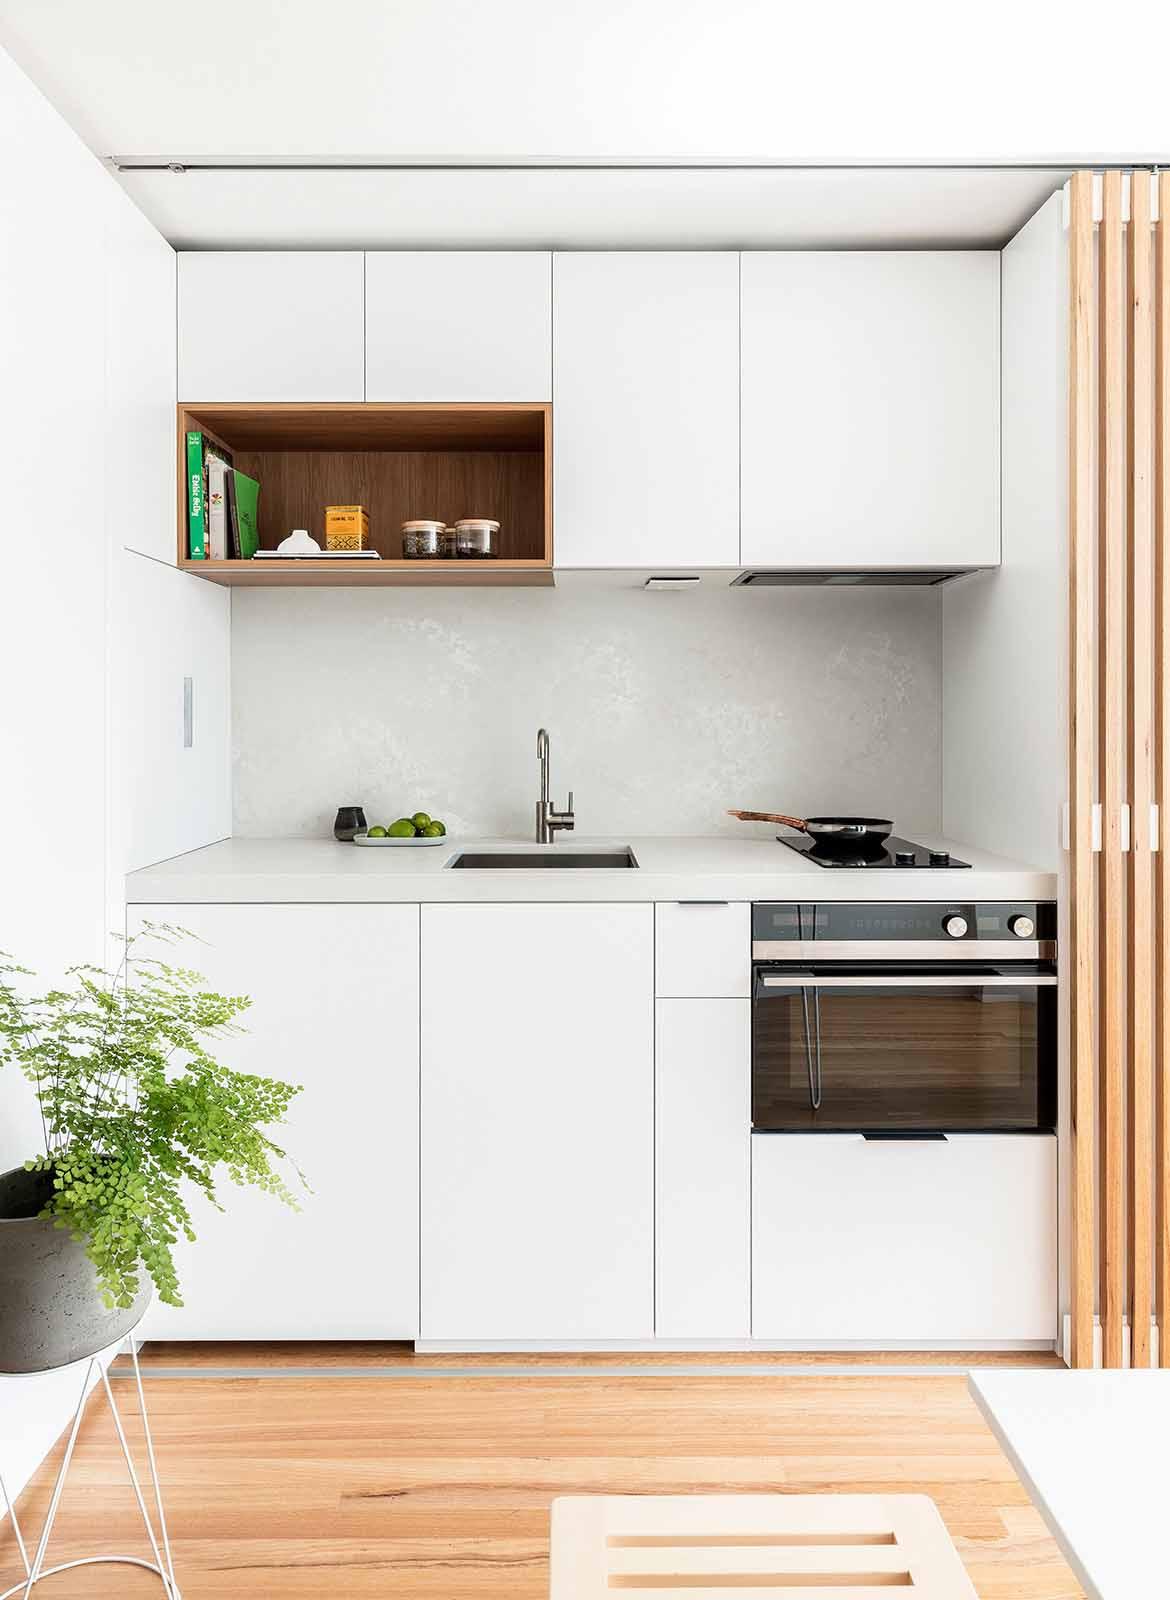 SMALL KITCHEN DESIGN IDEAS | The Home Studio | Interior ...